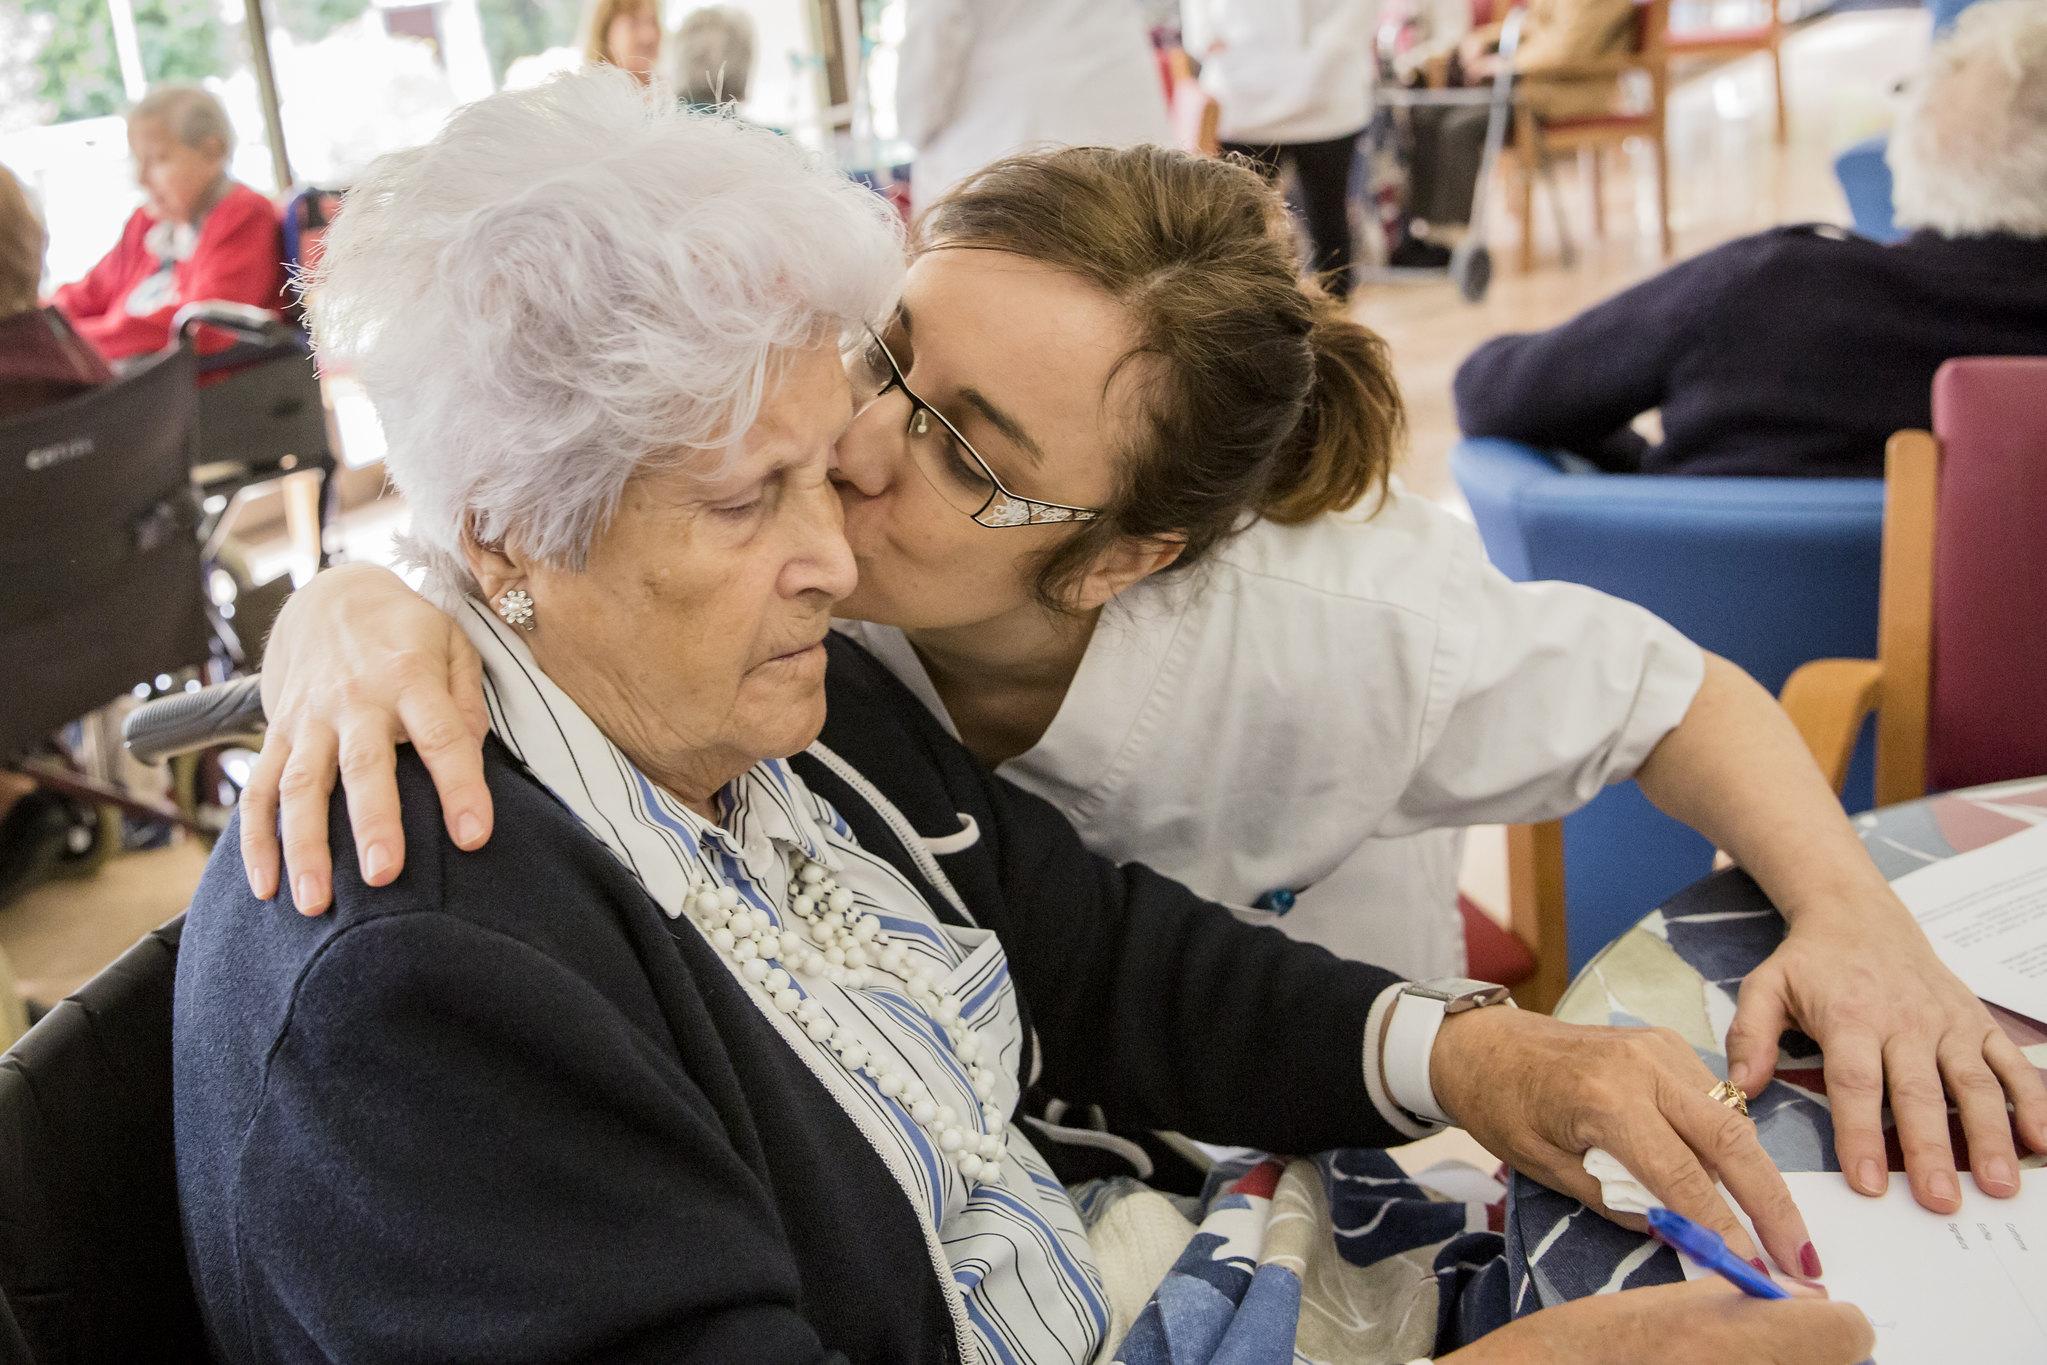 Una enfermera geriátrica dando un beso un paciente. FOTO: Ariadna Creus y Ángel García (Banc Imatges Infermeres).